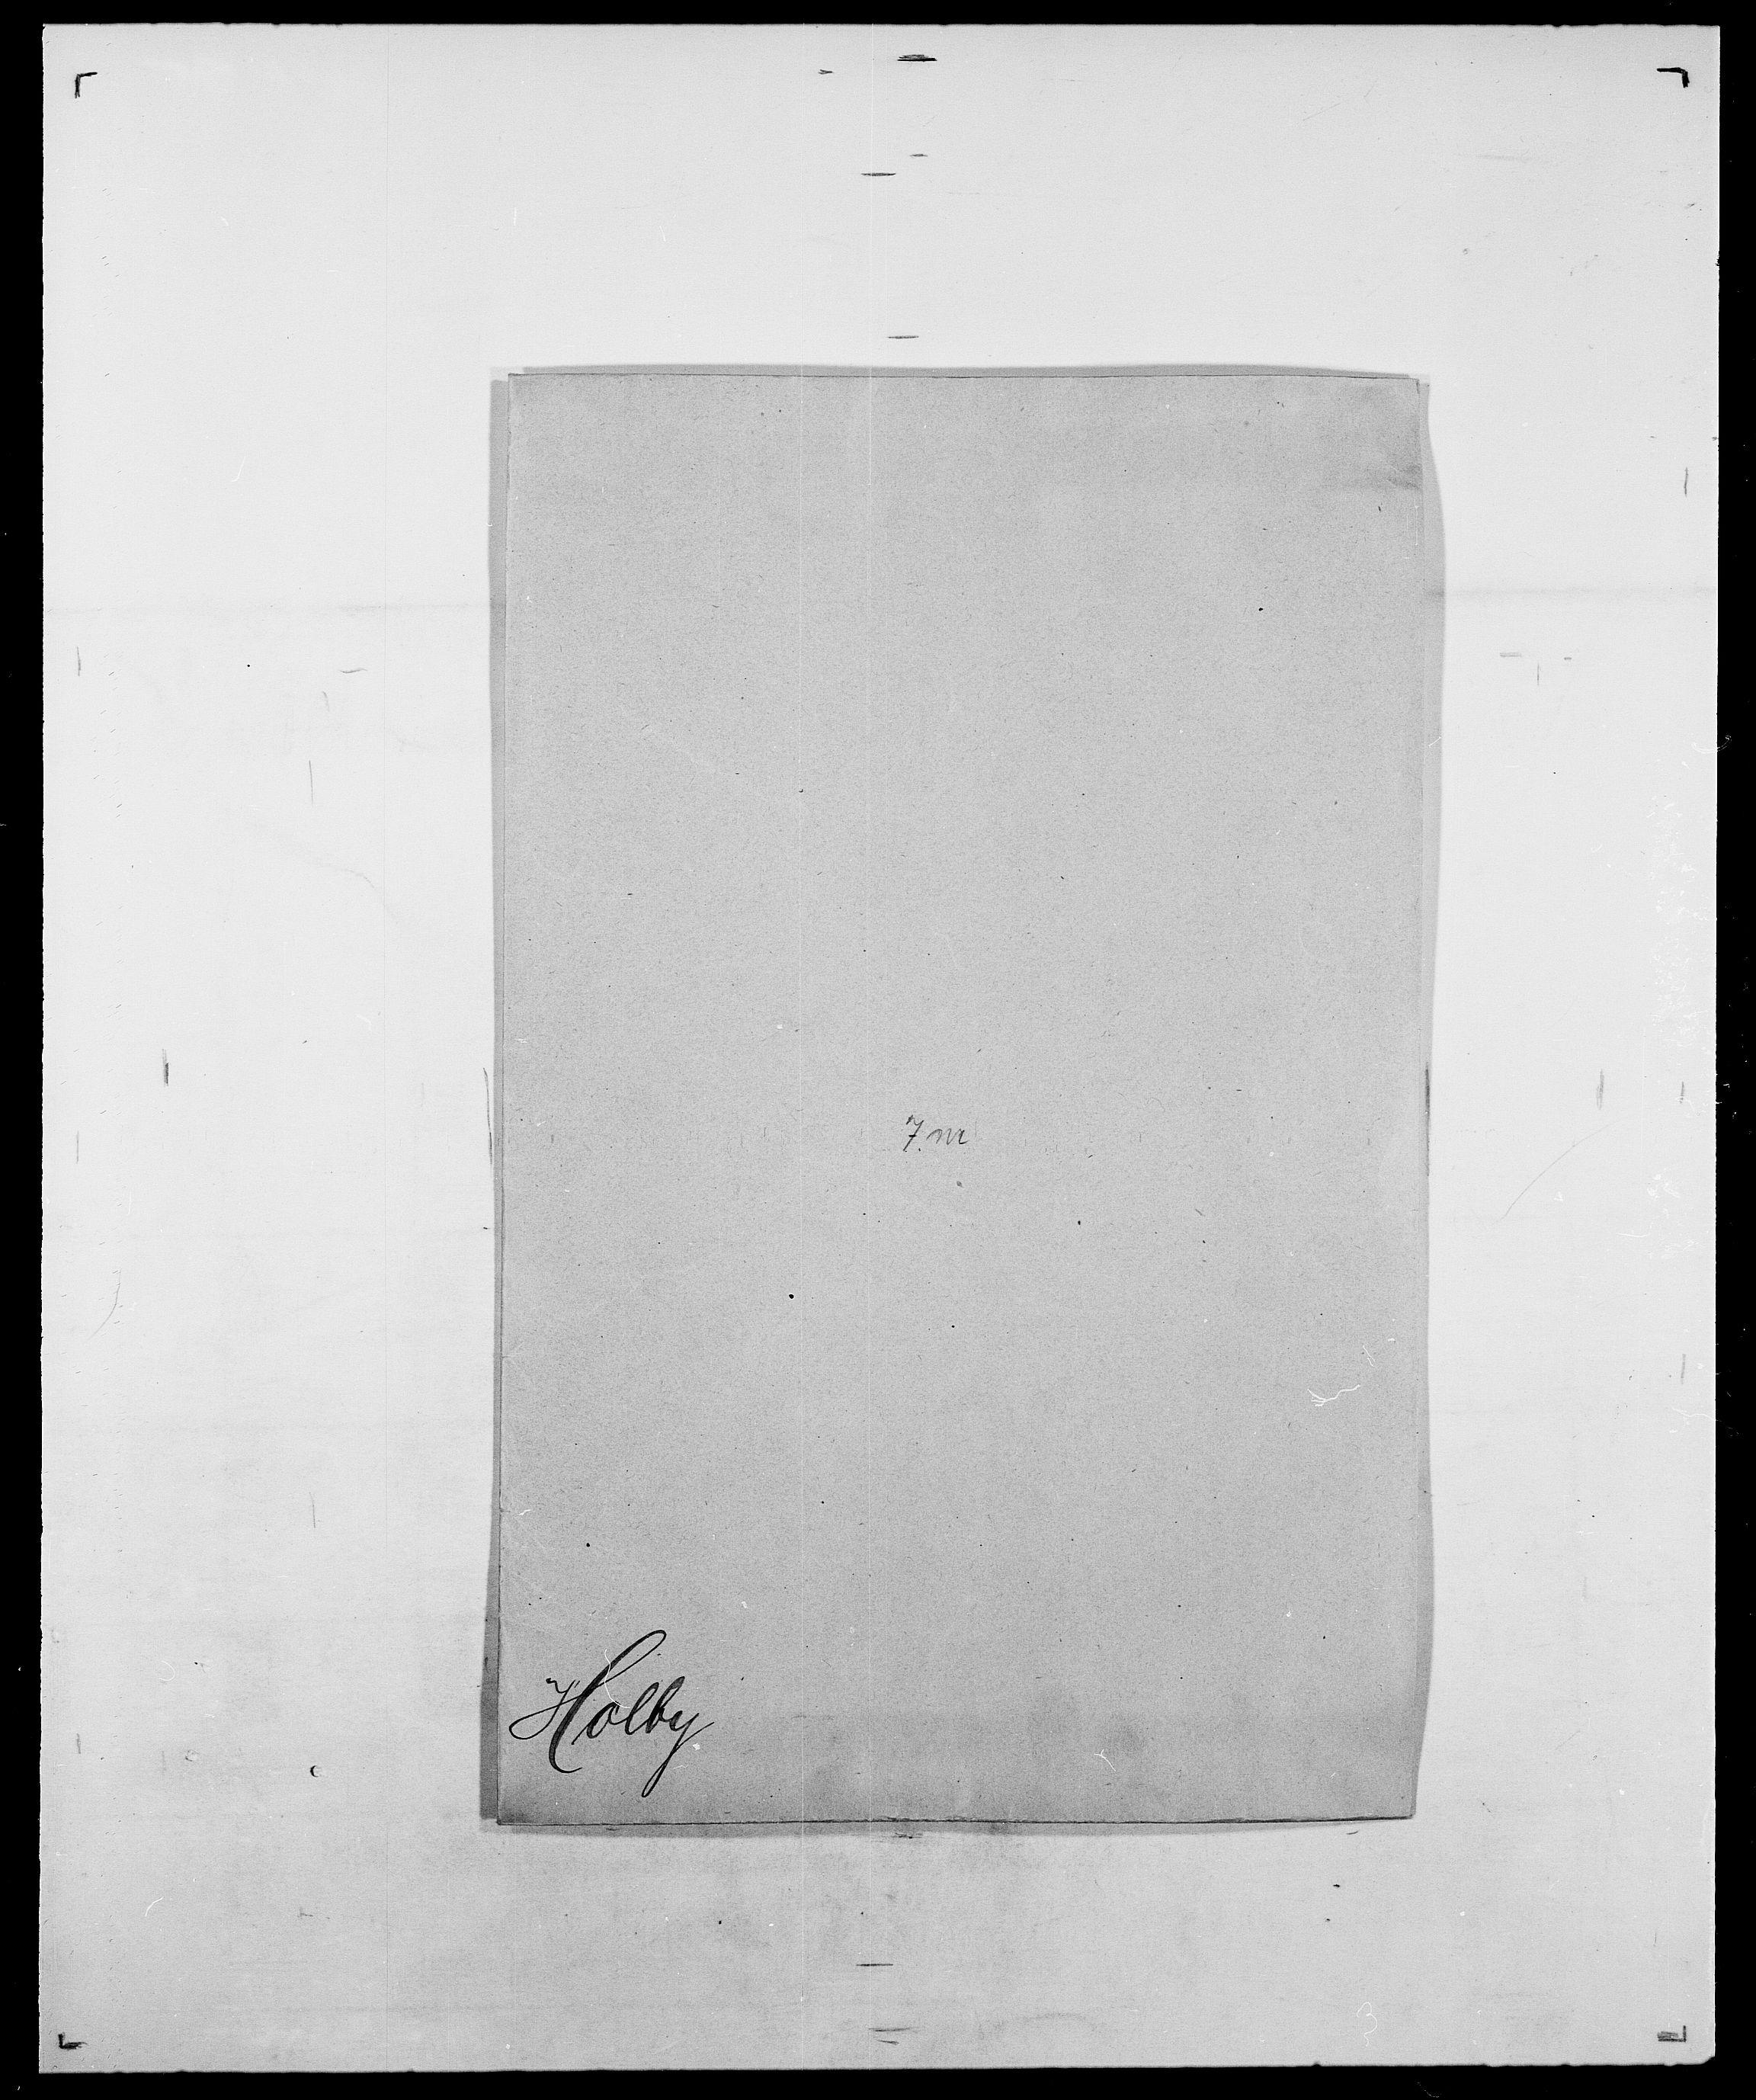 SAO, Delgobe, Charles Antoine - samling, D/Da/L0018: Hoch - Howert, s. 215